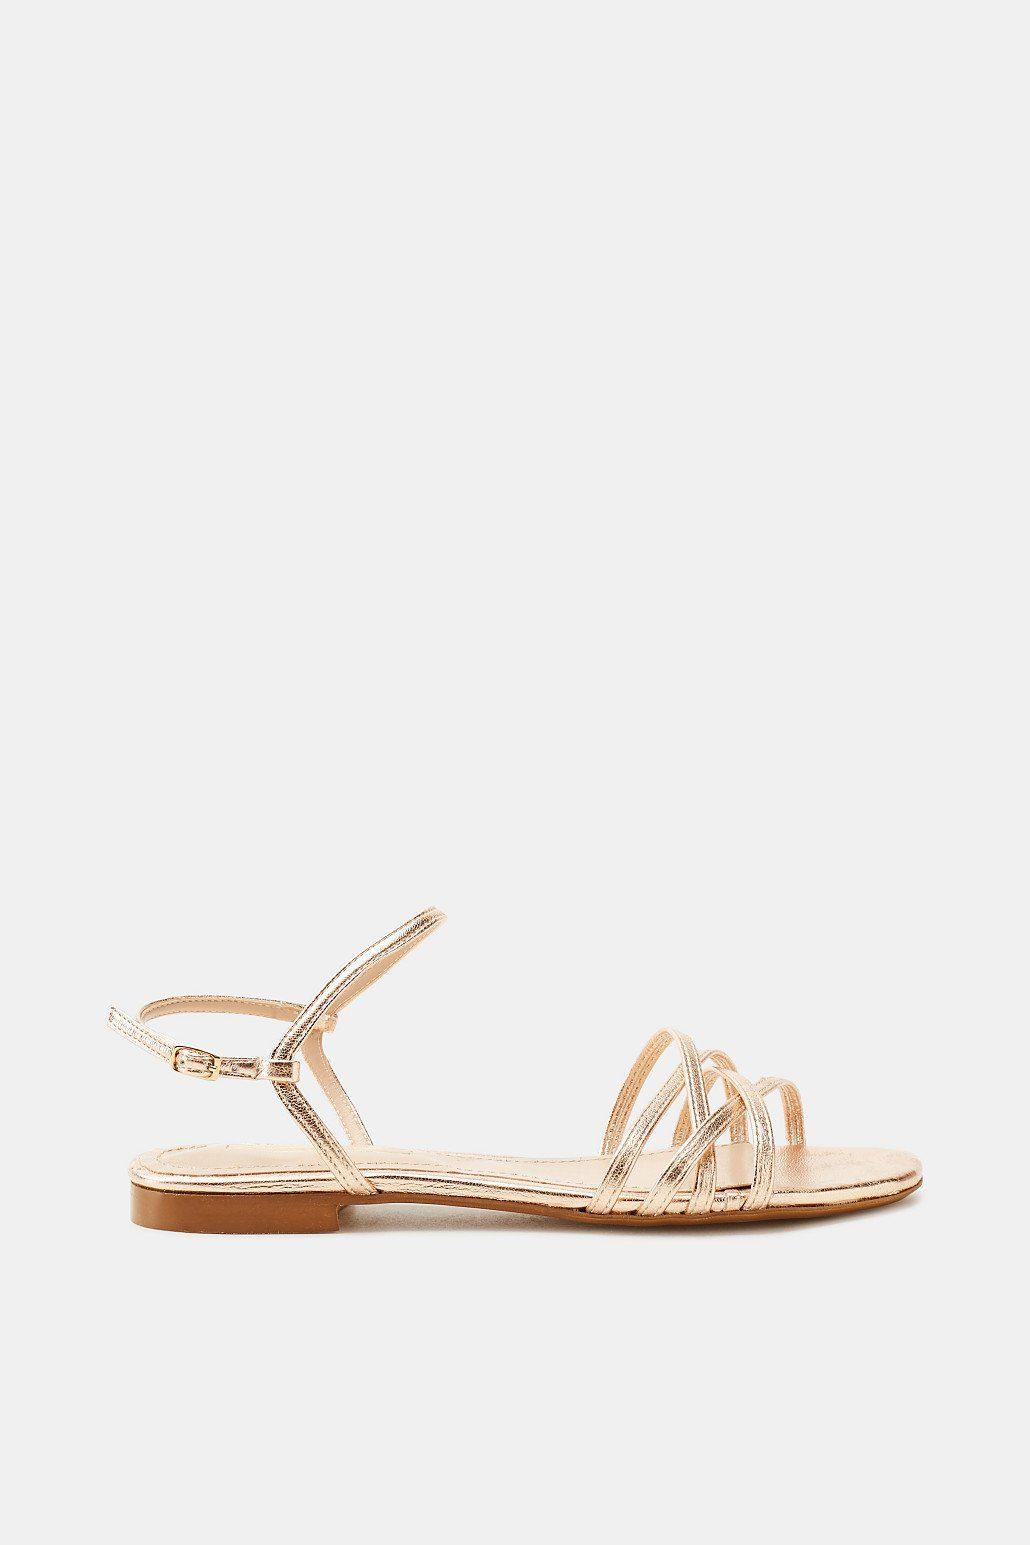 Esprit Flache Sandale im Metallic-Look für Damen, Größe 39, Turquoise